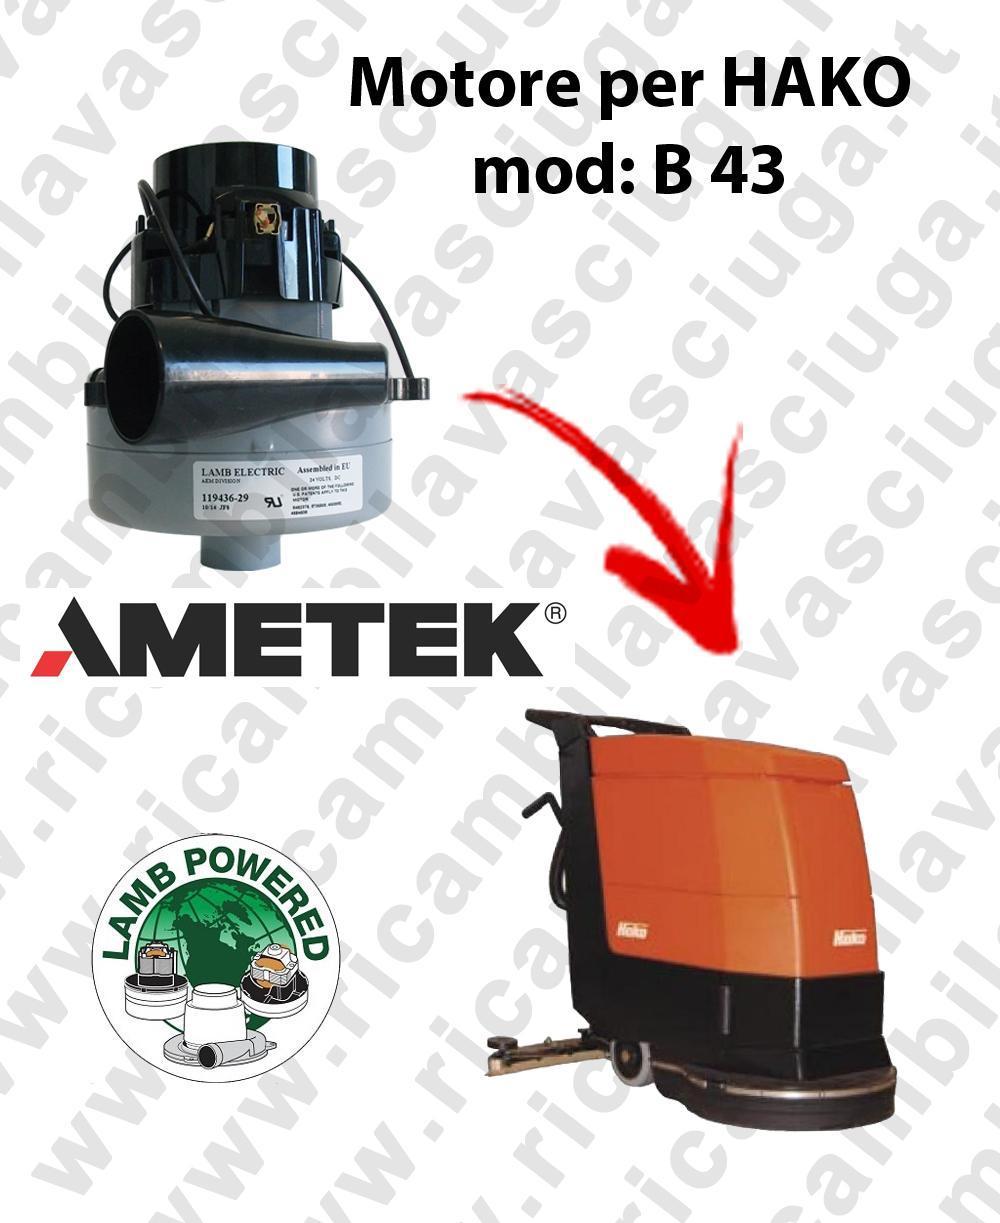 B 43 MOTEUR ASPIRATION LAMB AMATEK pour autolaveuses HAKO